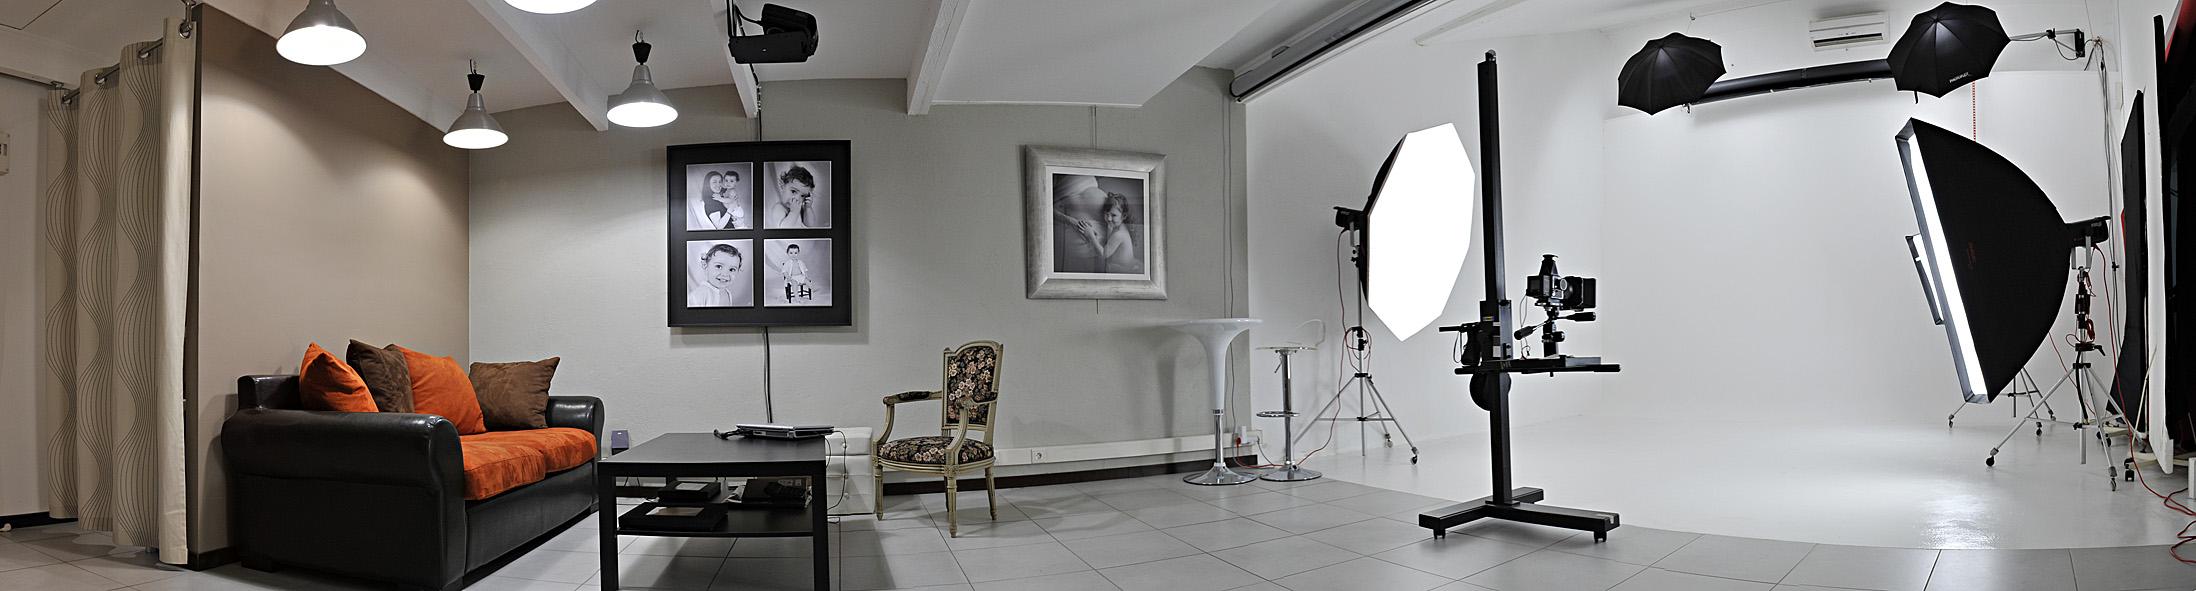 Devenir photographe: un métier passionnant